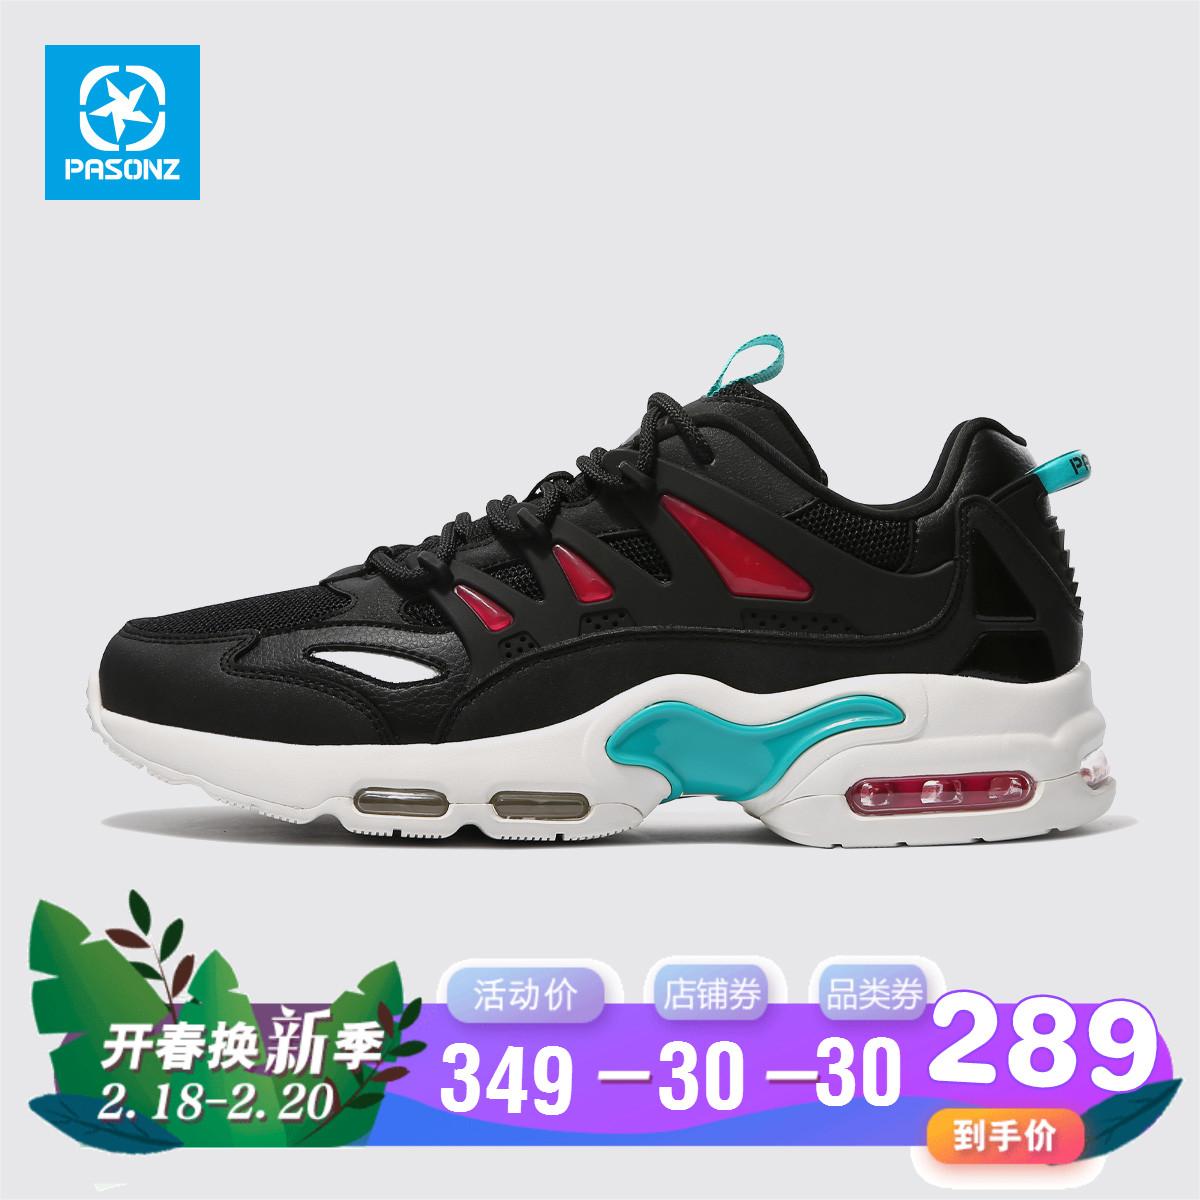 乔丹百尚男鞋运动鞋2019春季新款休闲复古气垫跑步鞋男